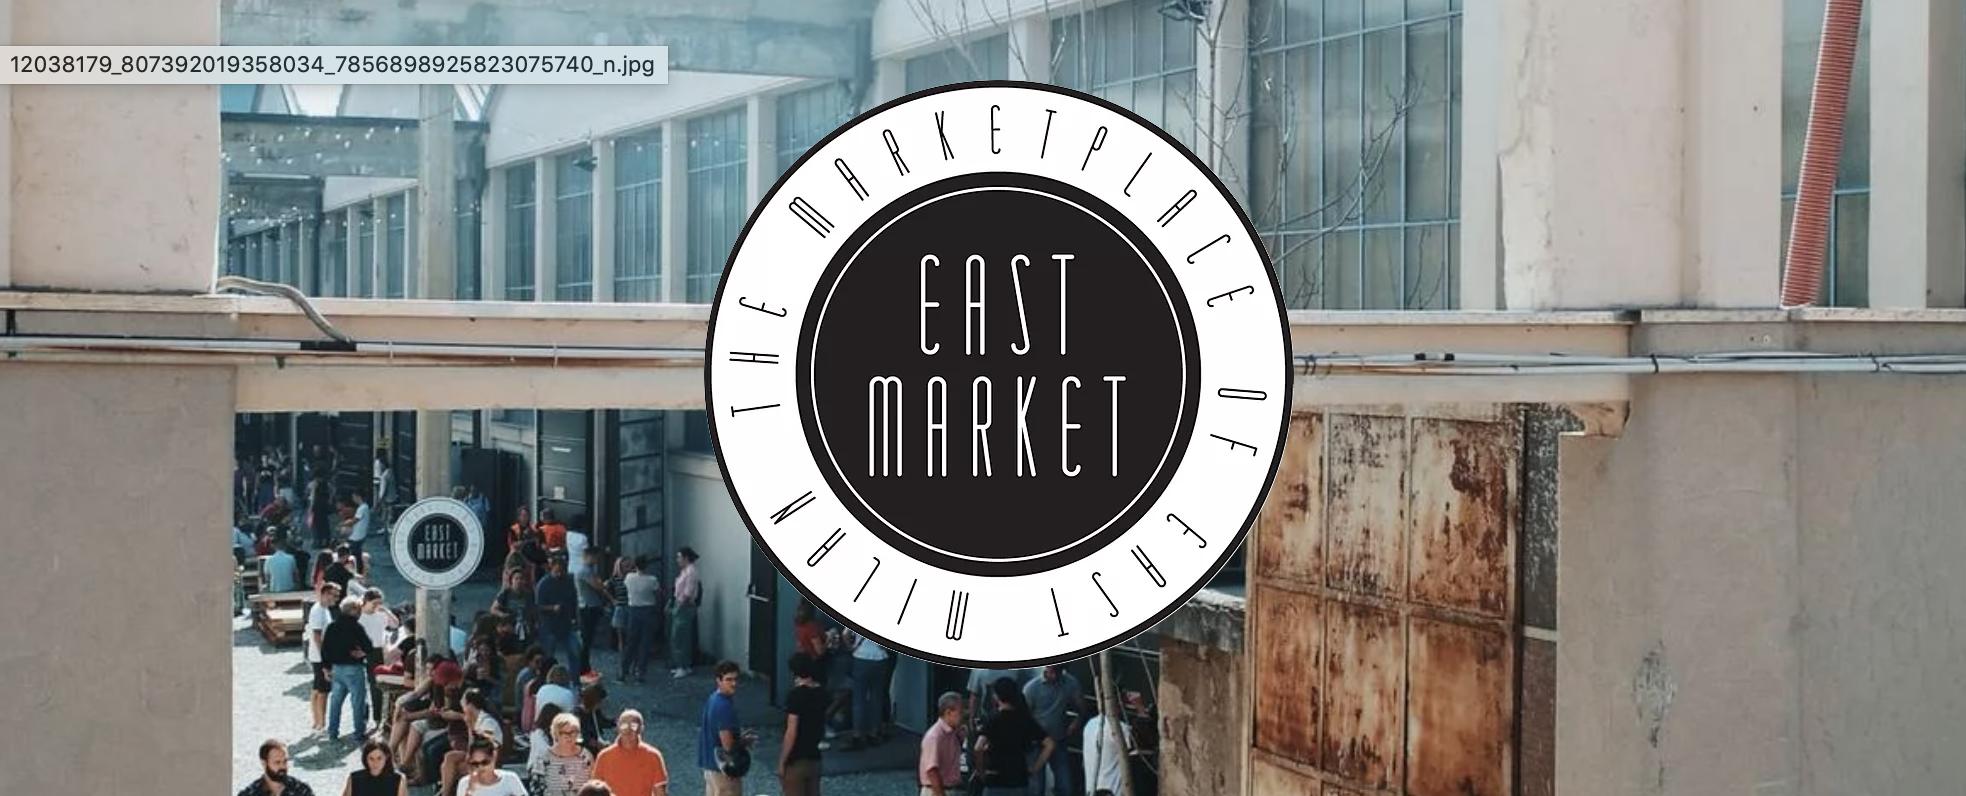 East Market shopping online